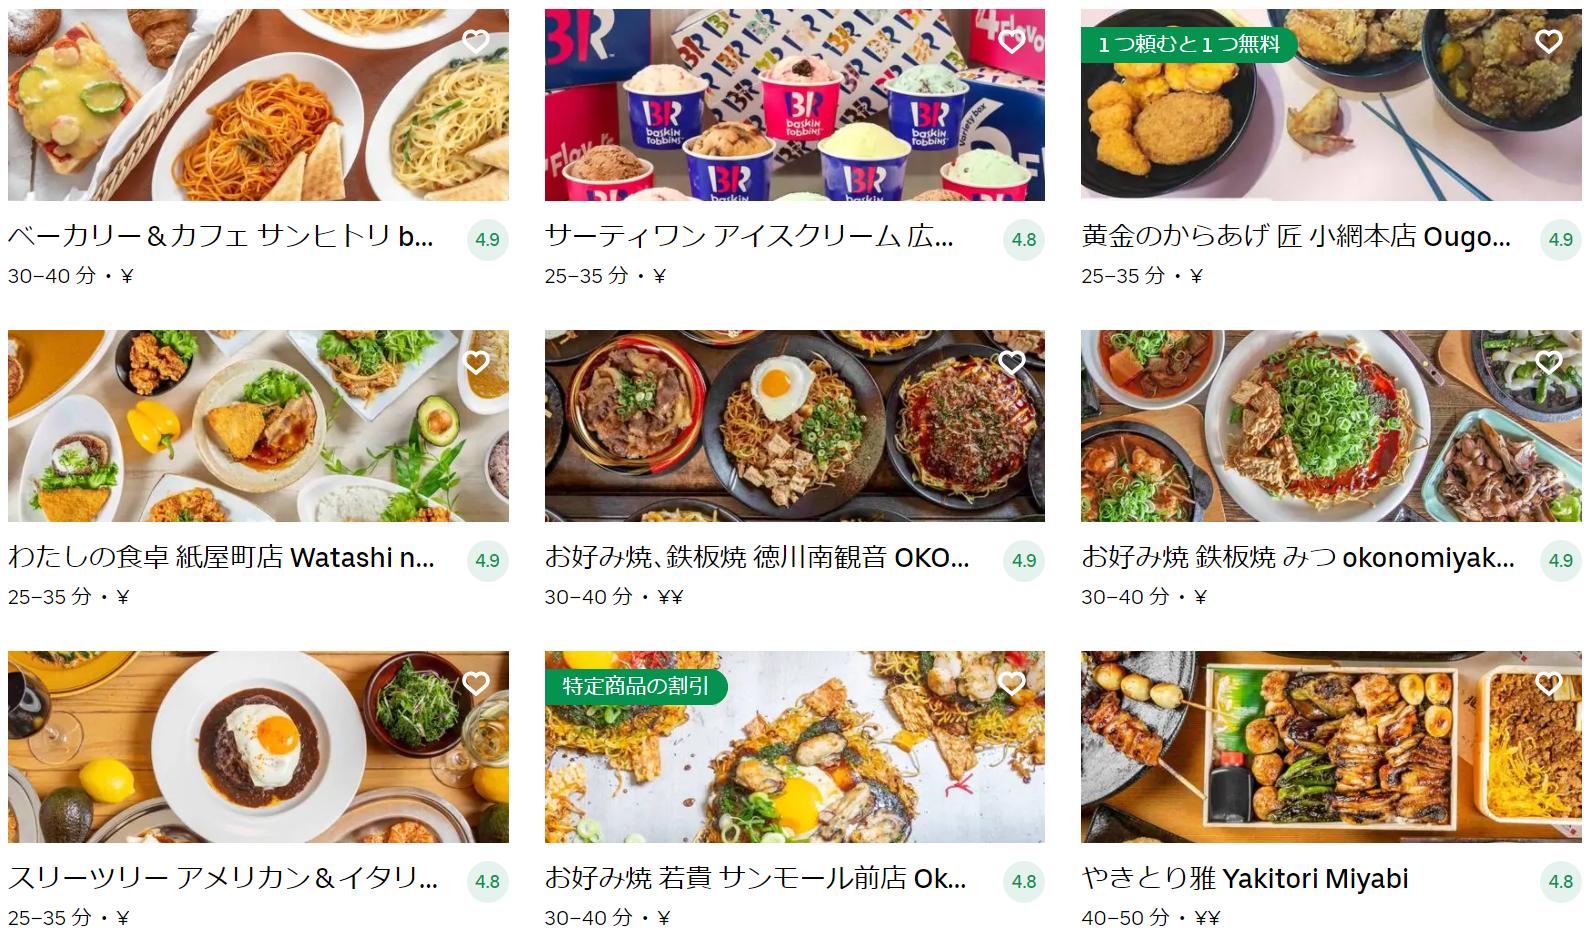 広島市中区エリアのUber Eats(ウーバーイーツ)メニュー